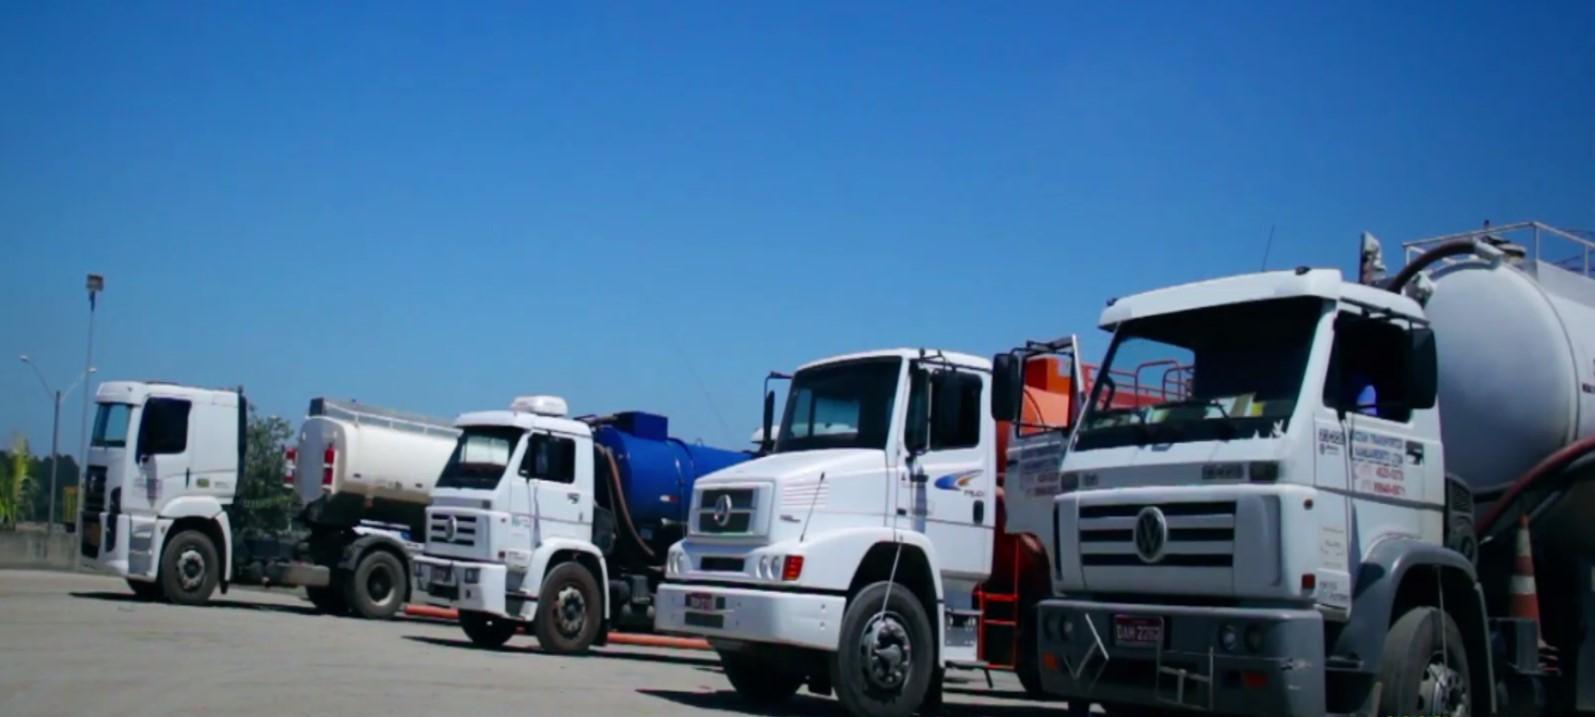 ransporte correto e seguro de efluentes evita acidentes e multas